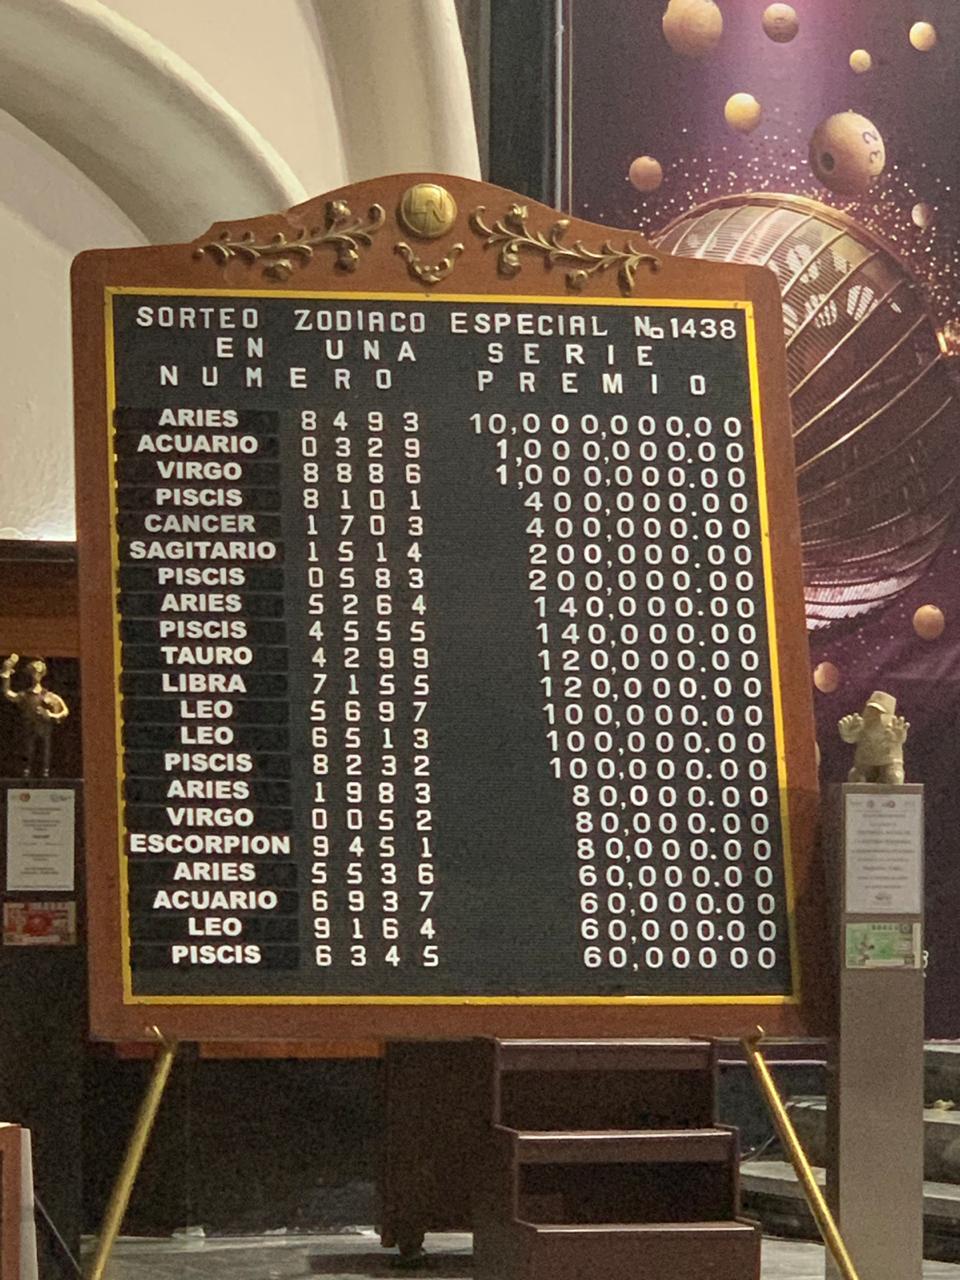 Resultados sorteo zodiaco especial 1438